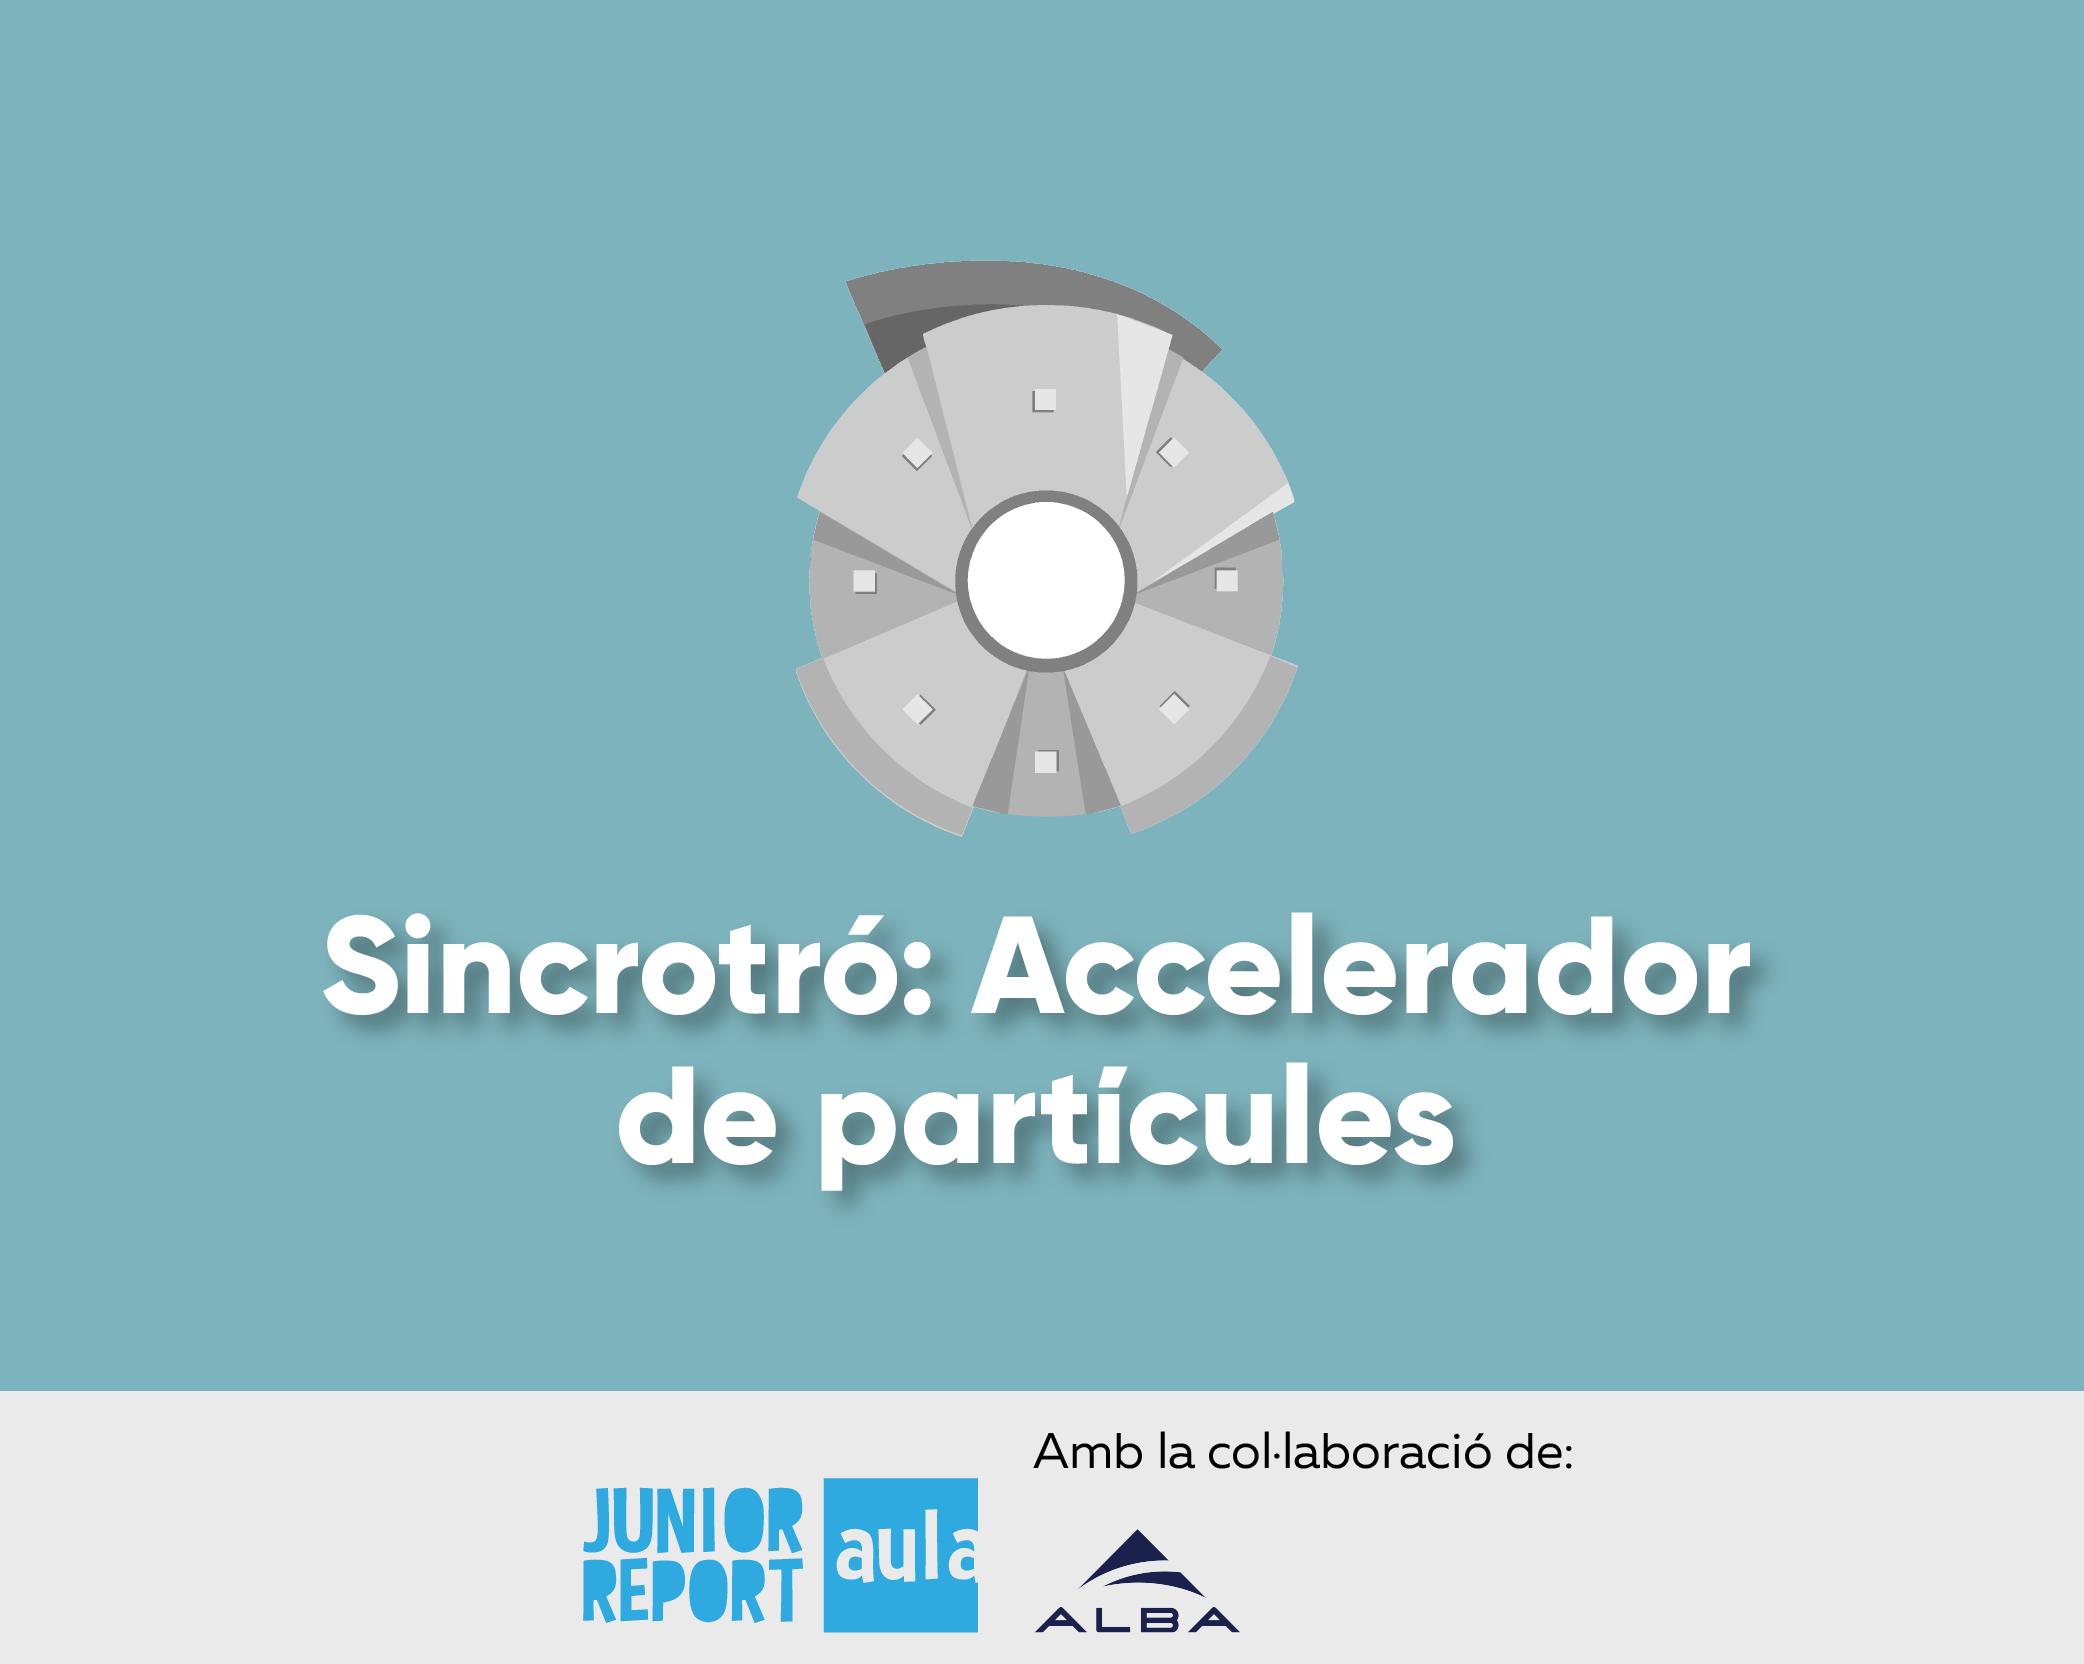 UD Sincrotró ALBA accelerador de partícules